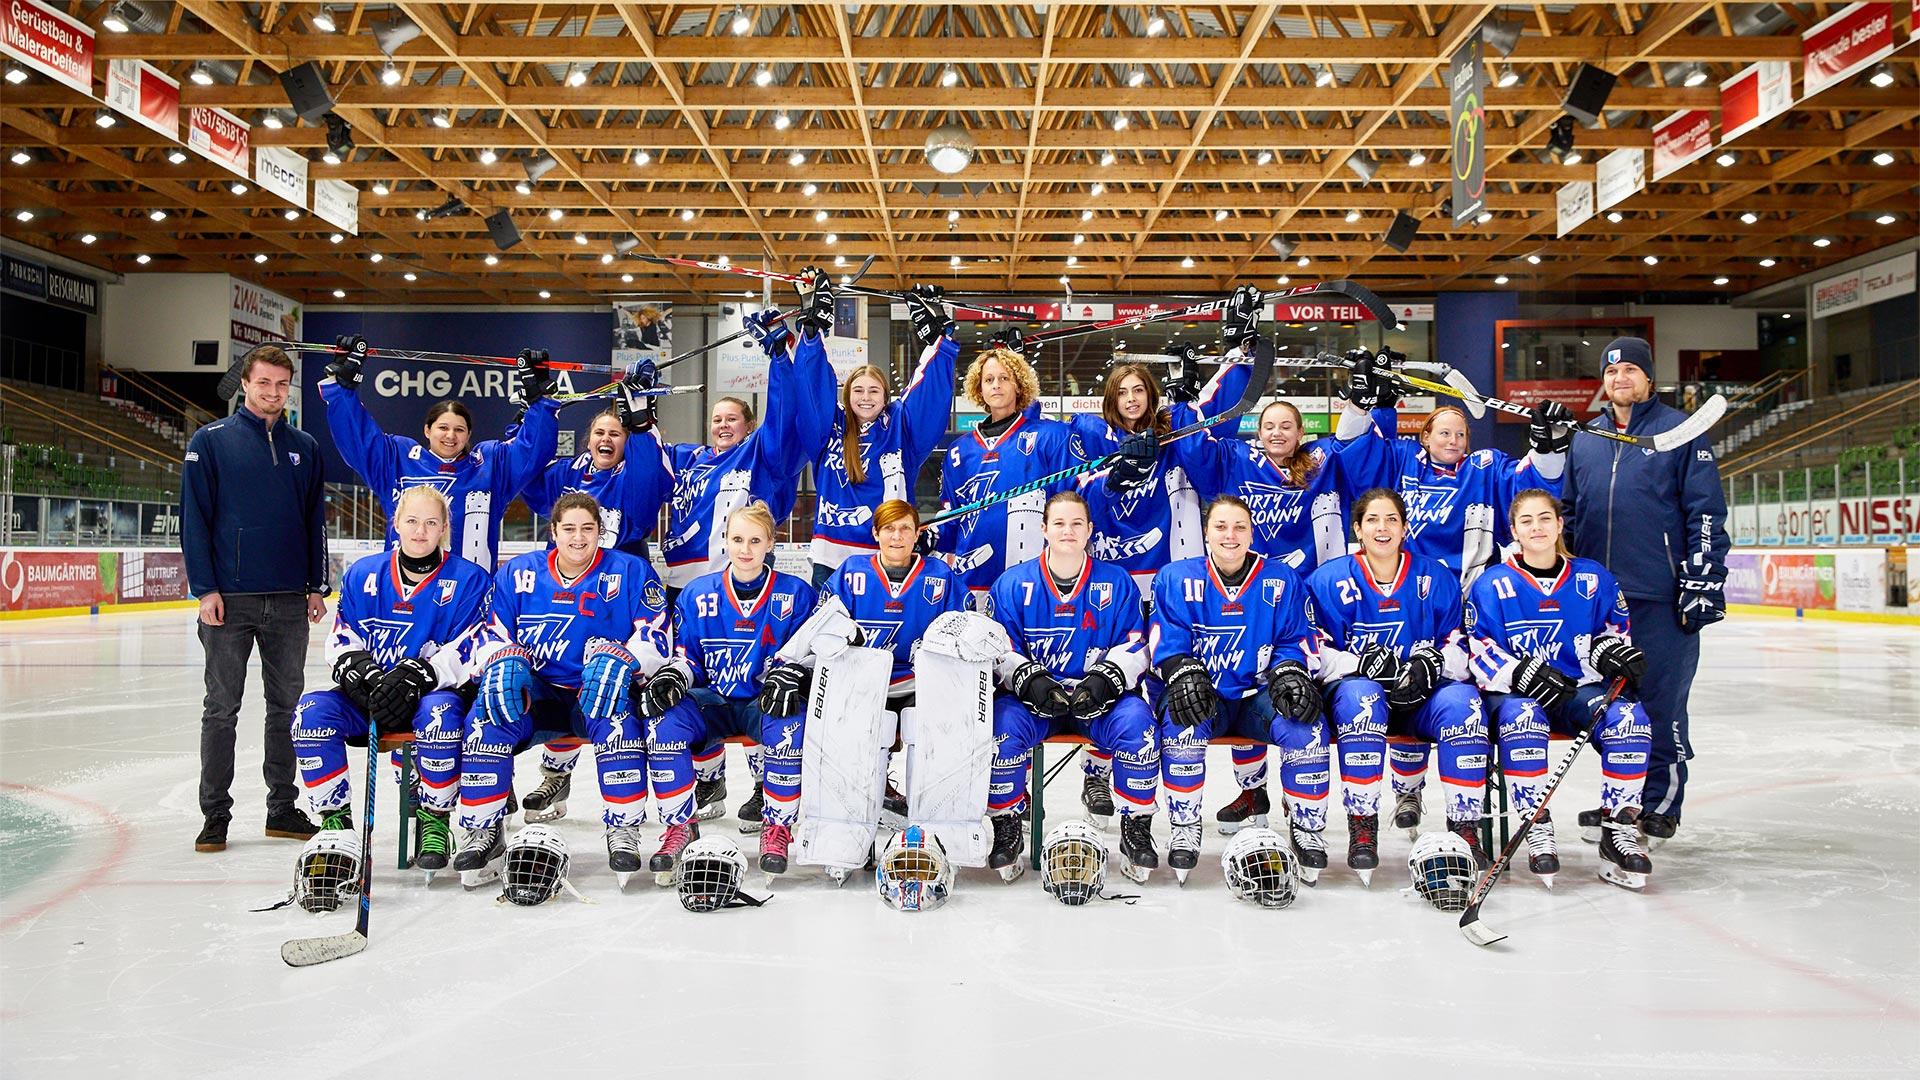 Ladycrax Ravensburg Eishockey Mannschaftsfoto